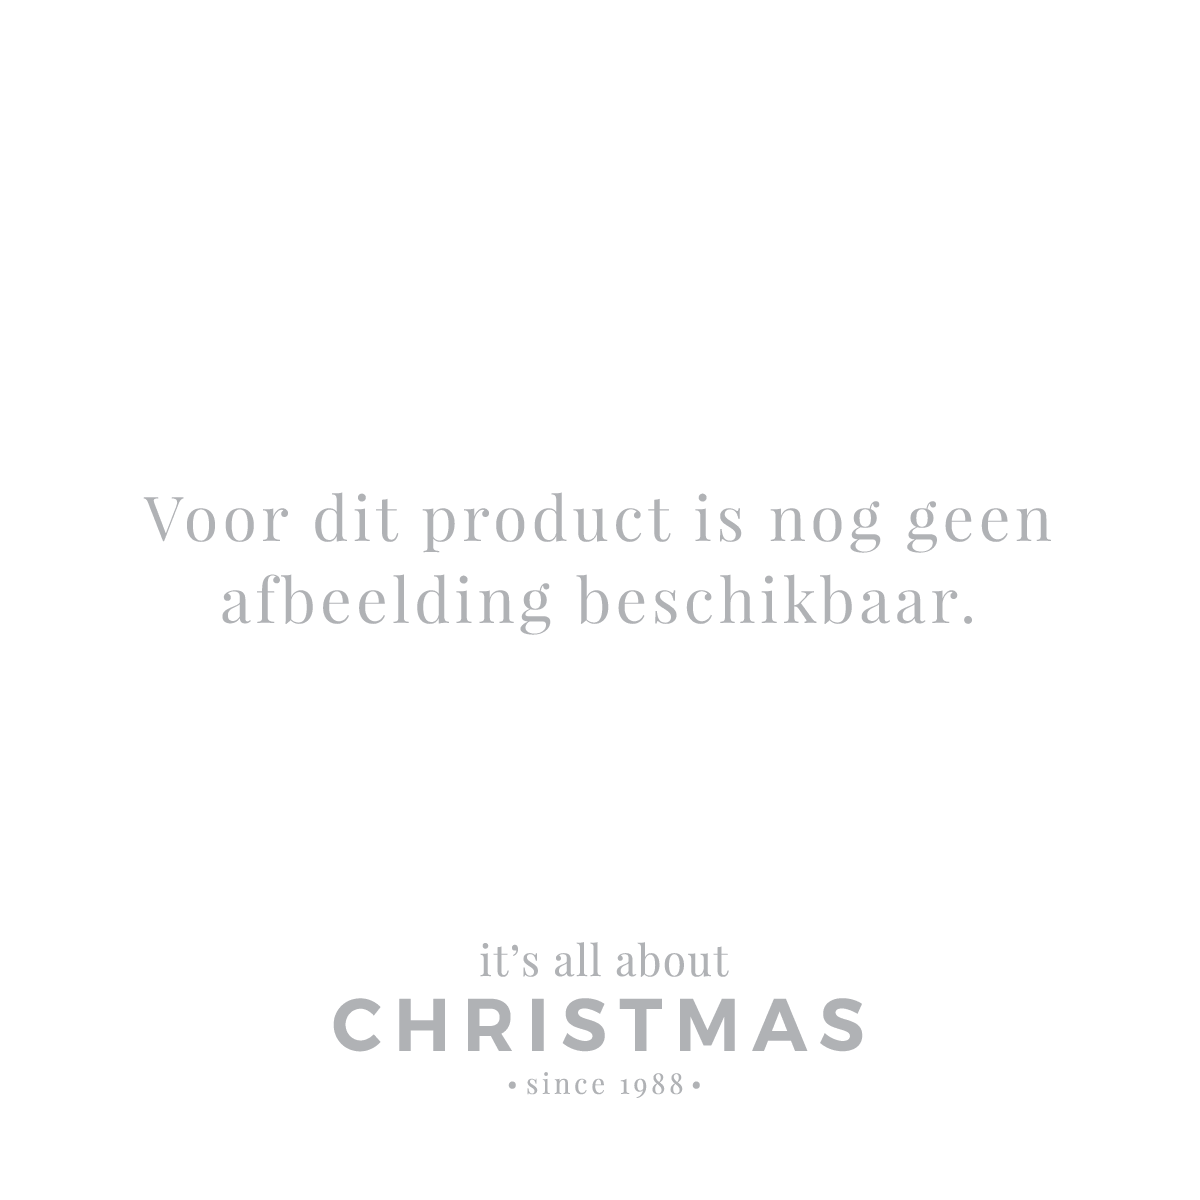 Günstige Christbaumkugeln.Weihnachtskugeln Günstig Online Kaufen Weihnachtsdekoration At